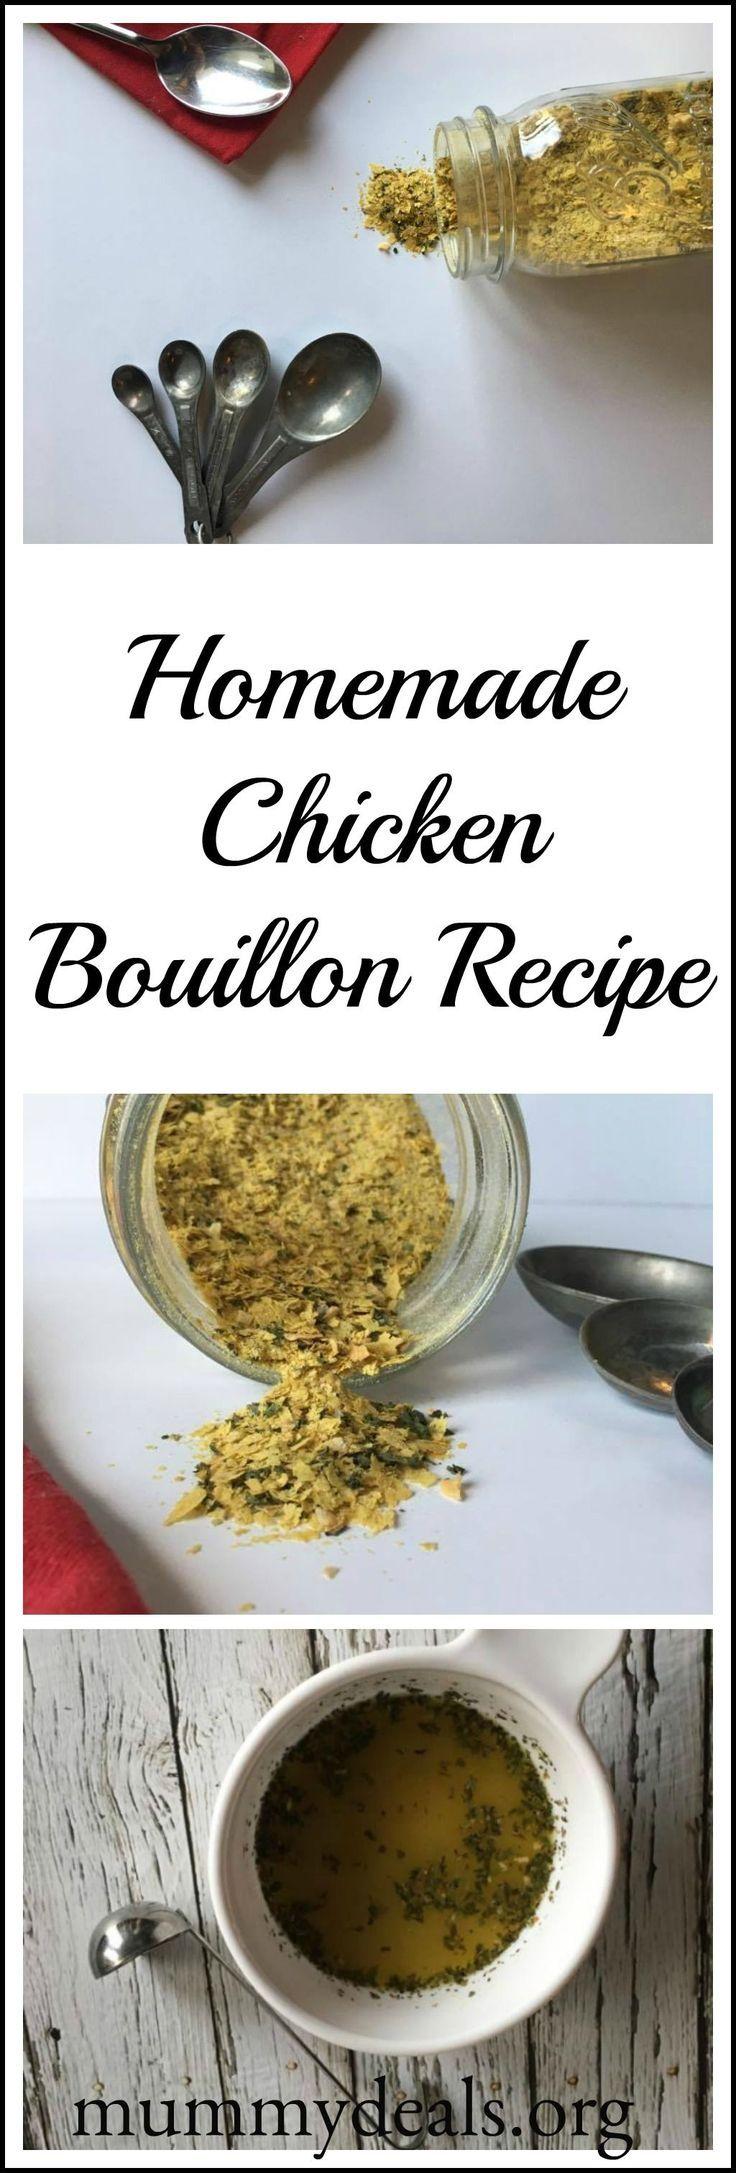 Homemade Chicken Bouillon Recipe Chicken bouillon recipe